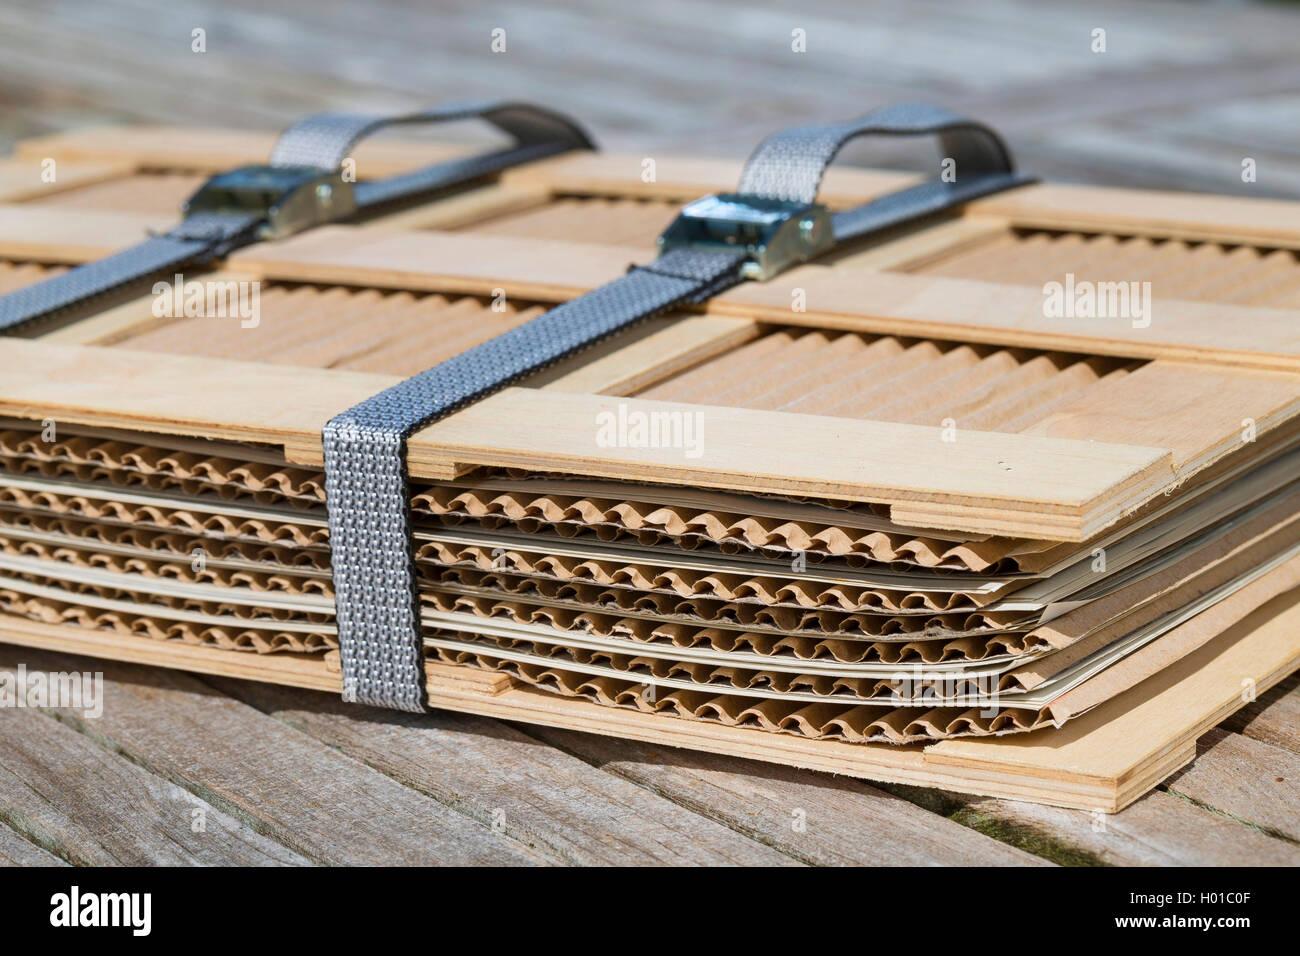 pflanzenpresse wird mit spanngurten zusammengezurrt deutschland macht ein herbarium. Black Bedroom Furniture Sets. Home Design Ideas